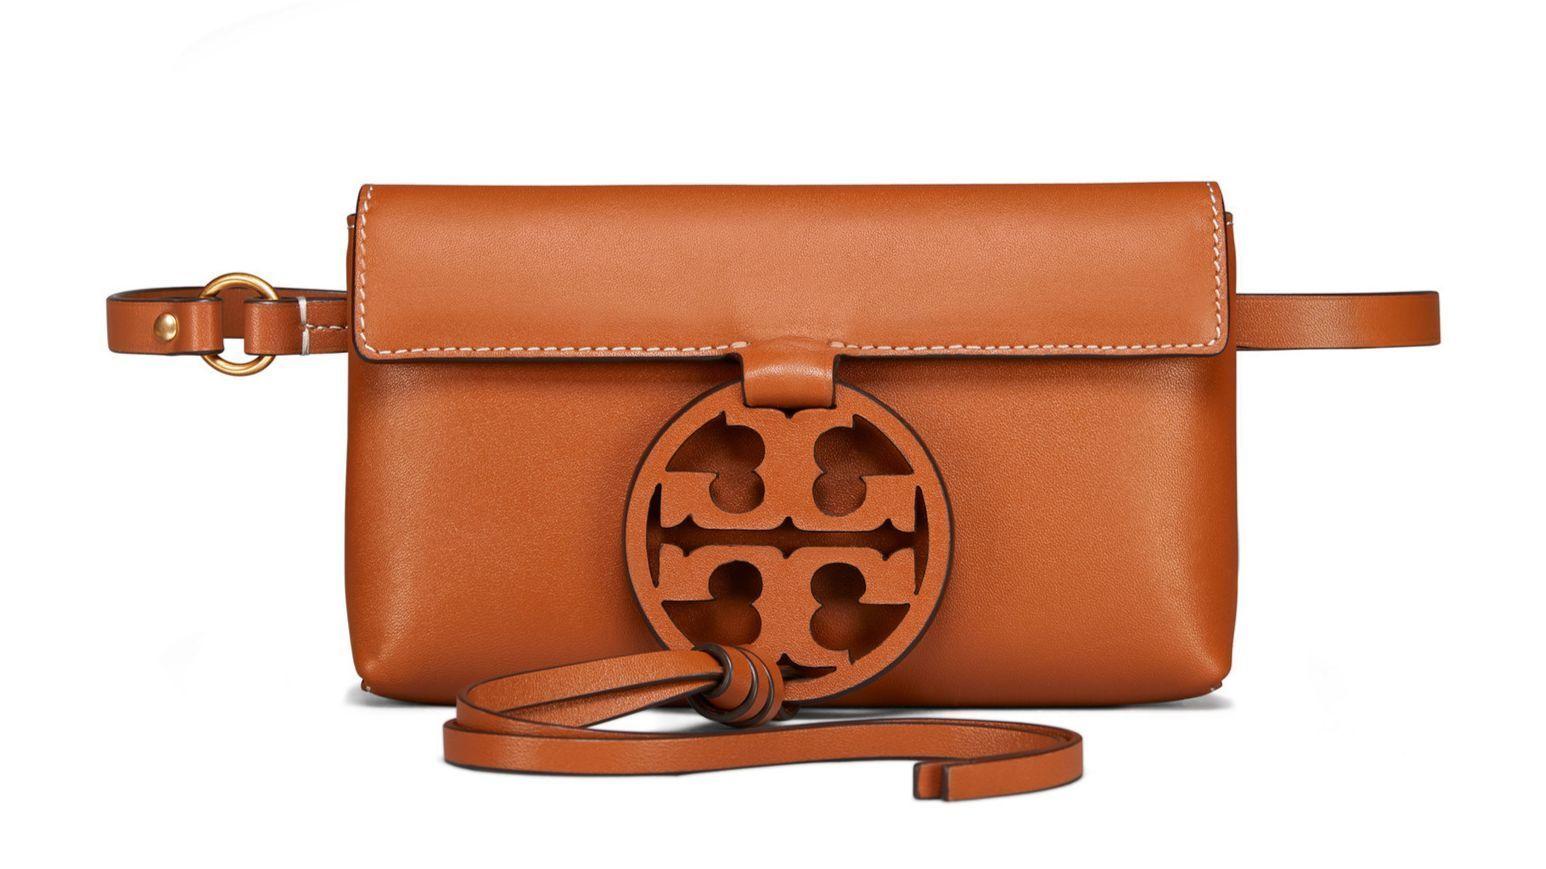 Tory Burch's Miller Belt Bag.